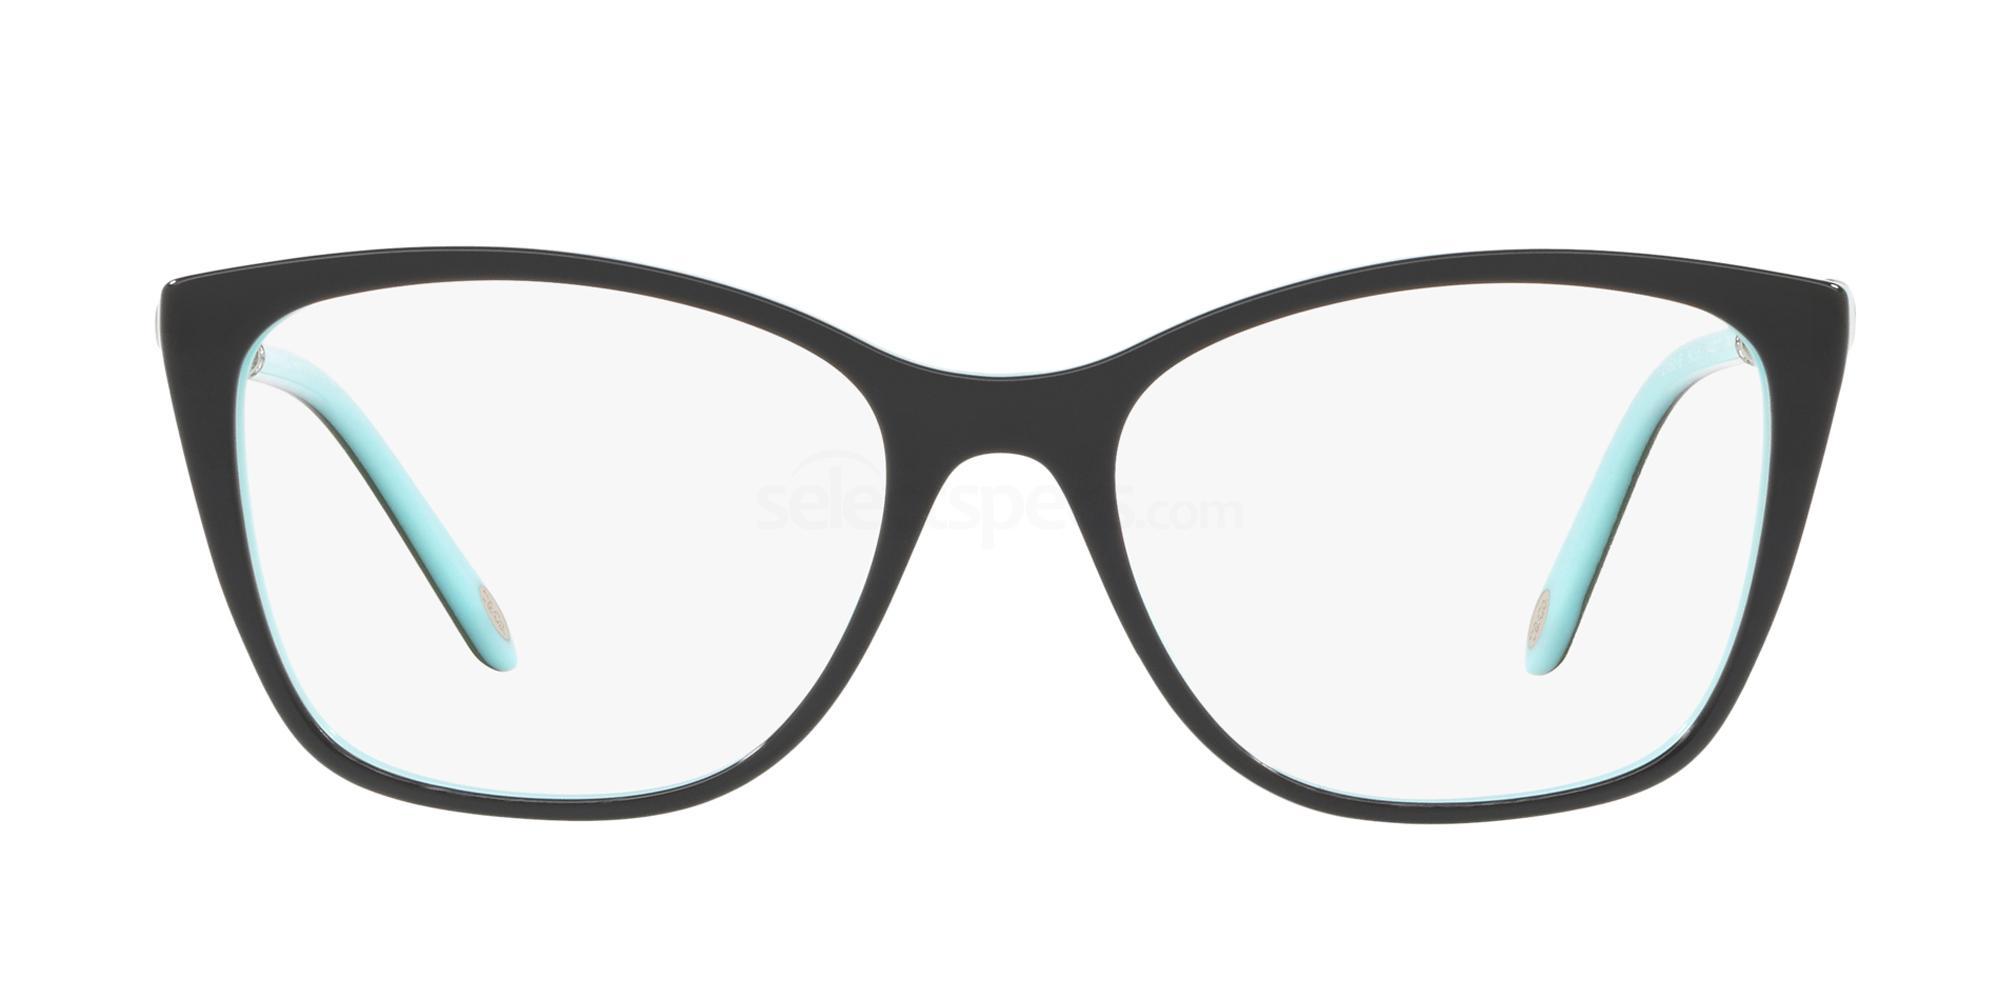 8055 TF2160B Glasses, Tiffany & Co.